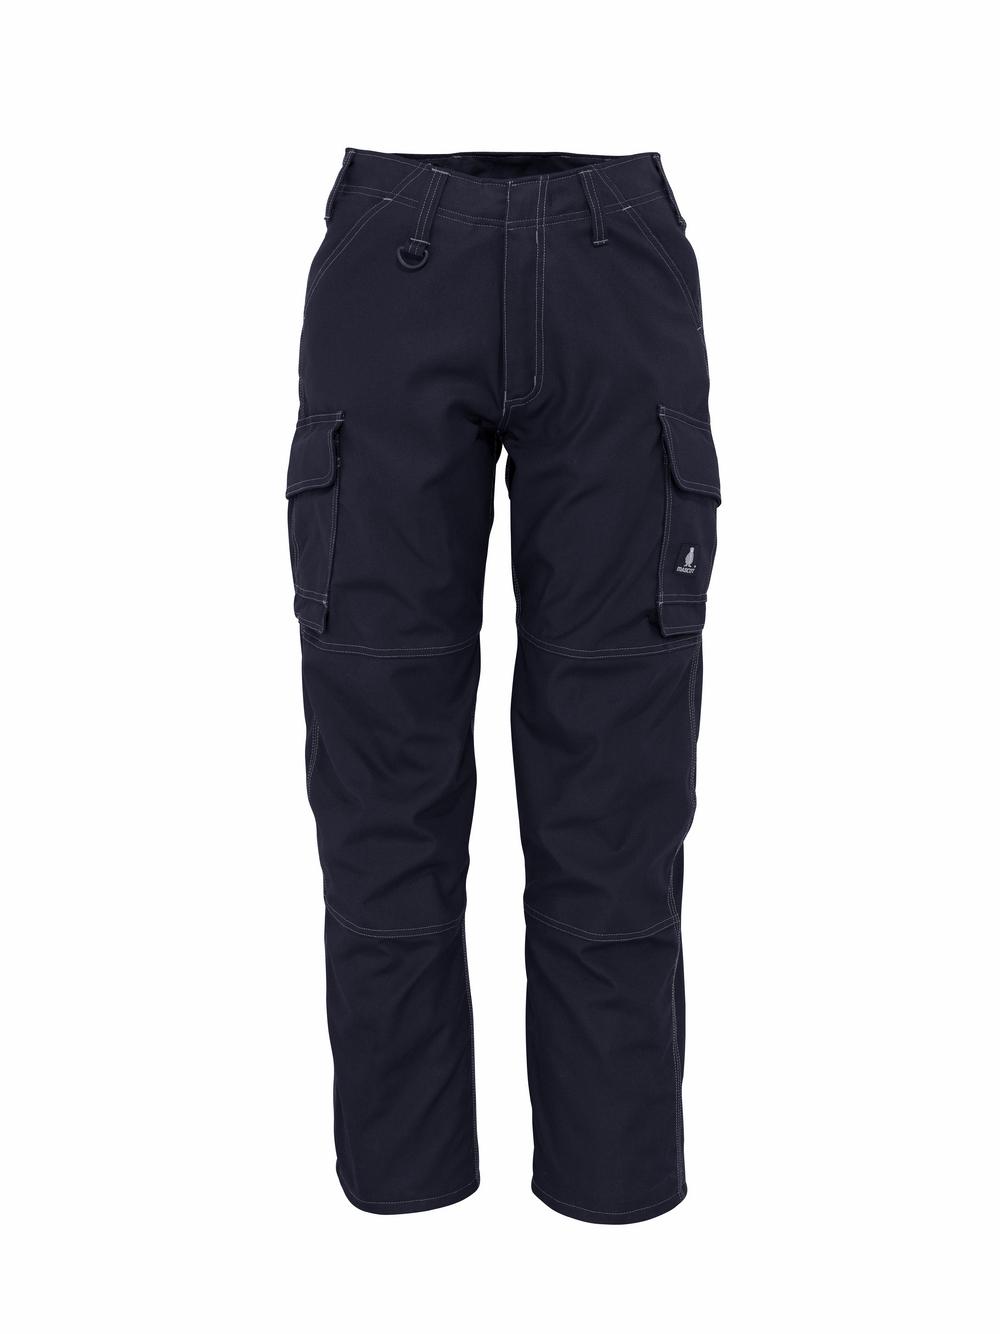 10279-154-010 Spodnie z kieszeniami na udach - ciemny granat